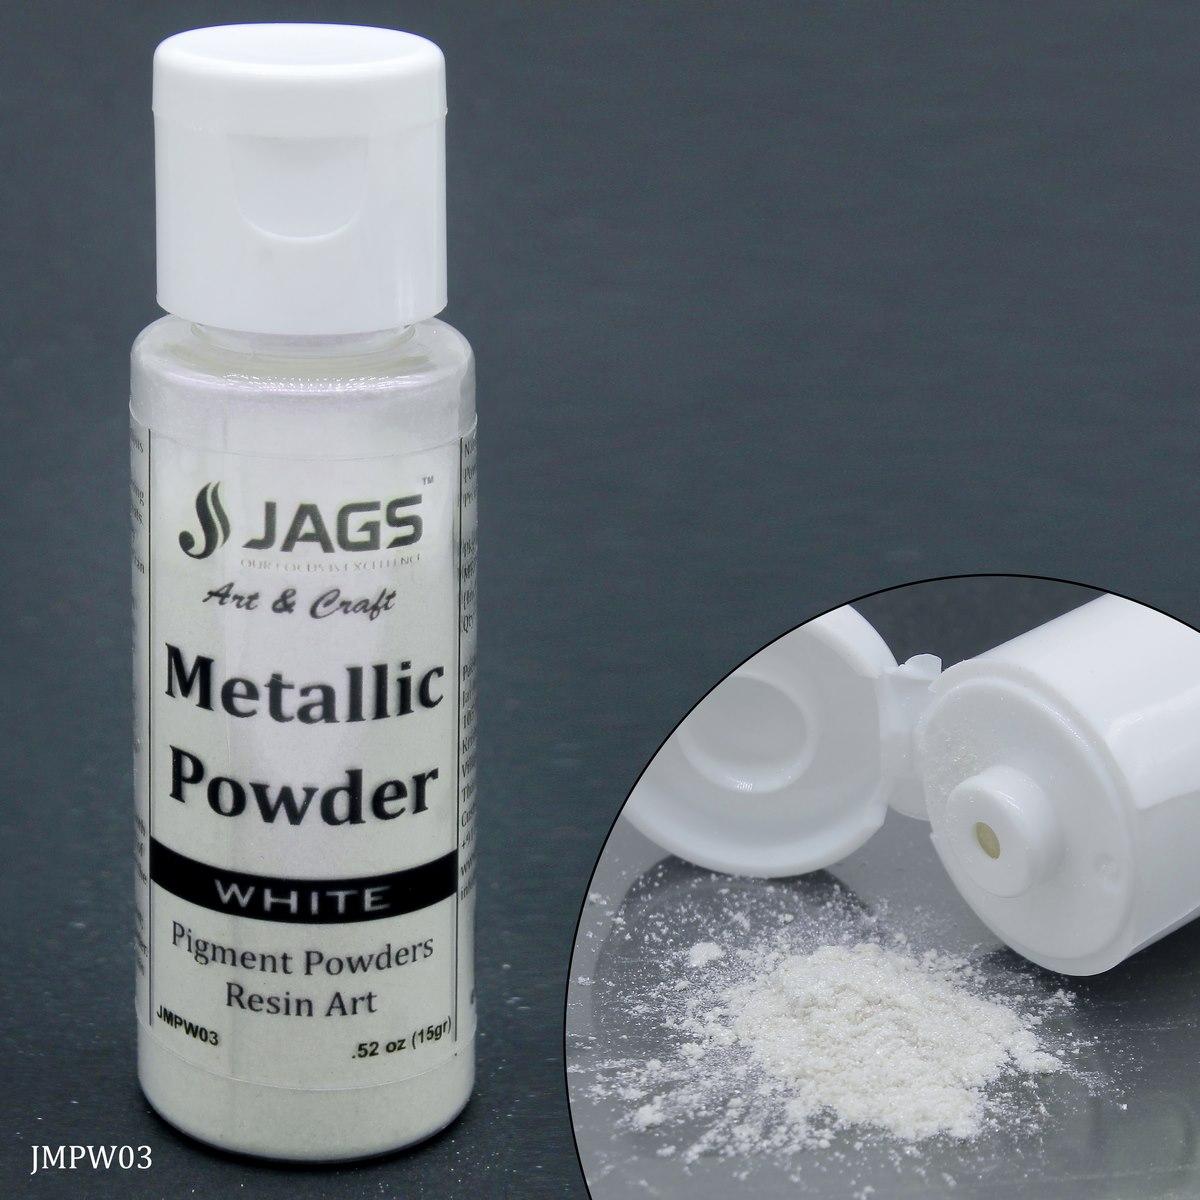 Jags Metallic Powder White 15Gms JMPW03